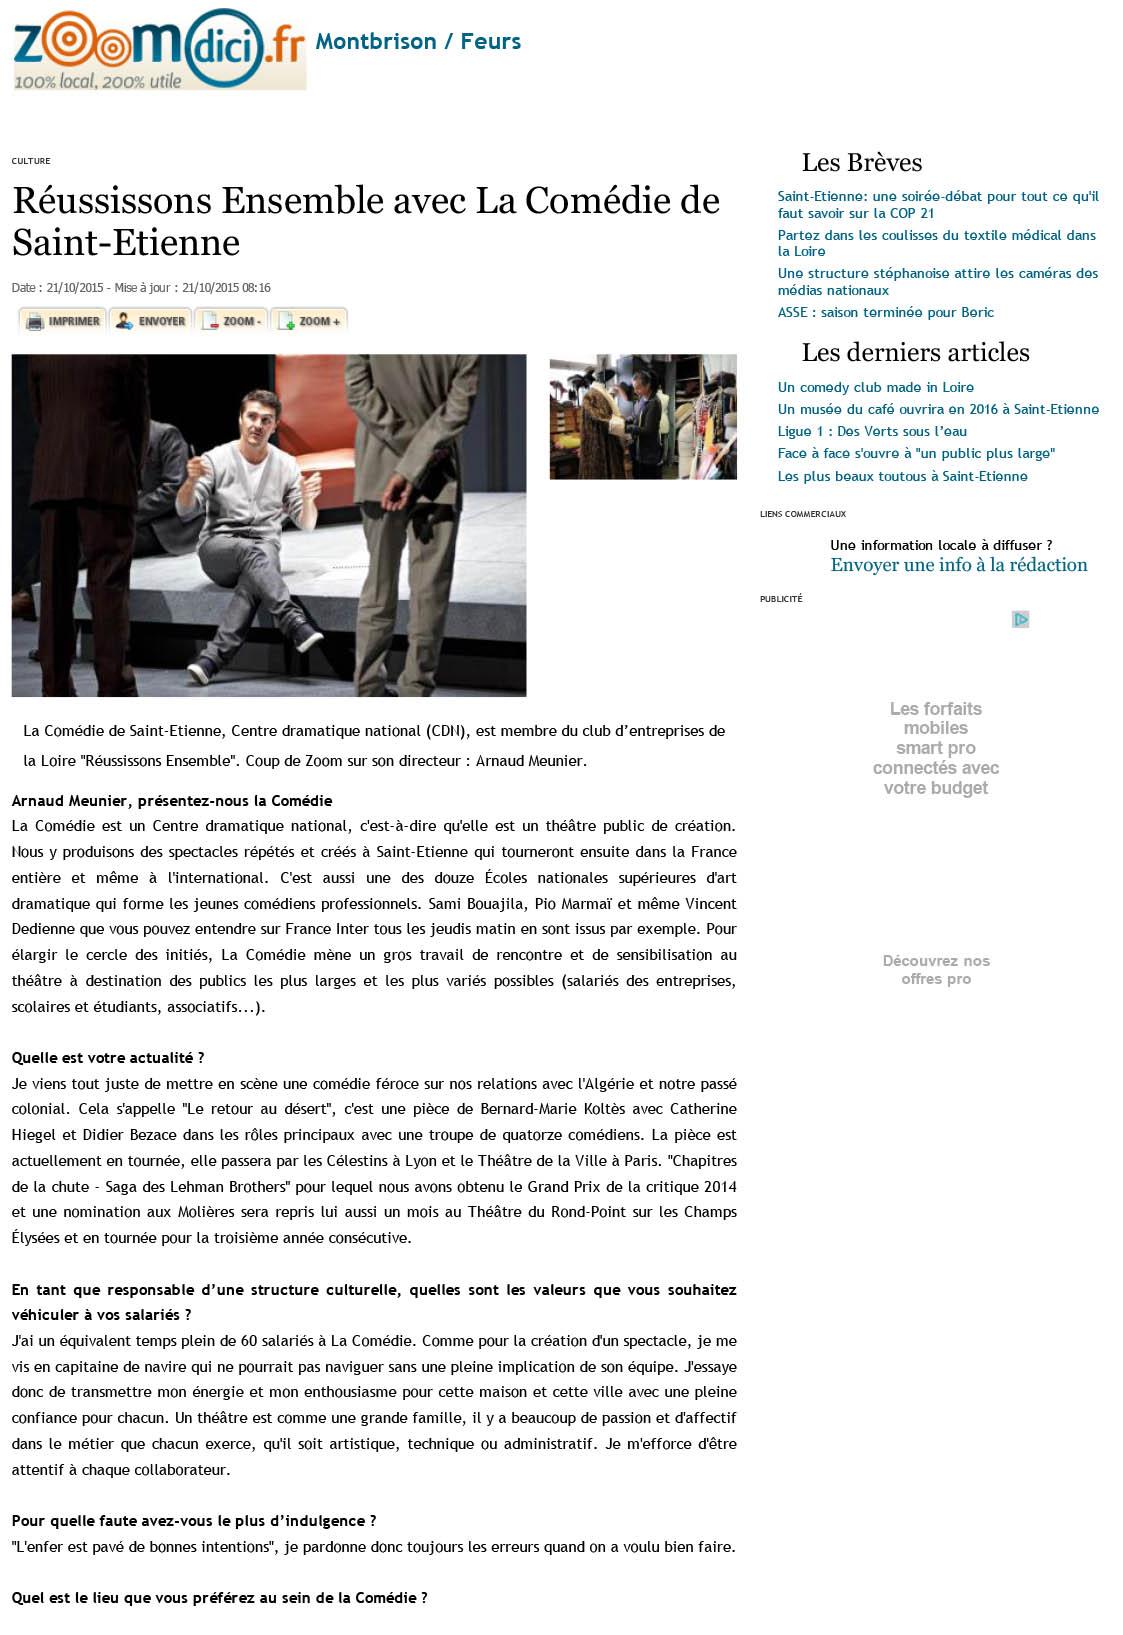 Réussissons Ensemble avec La Comédie de Saint-Etienne sur zoomdic1i